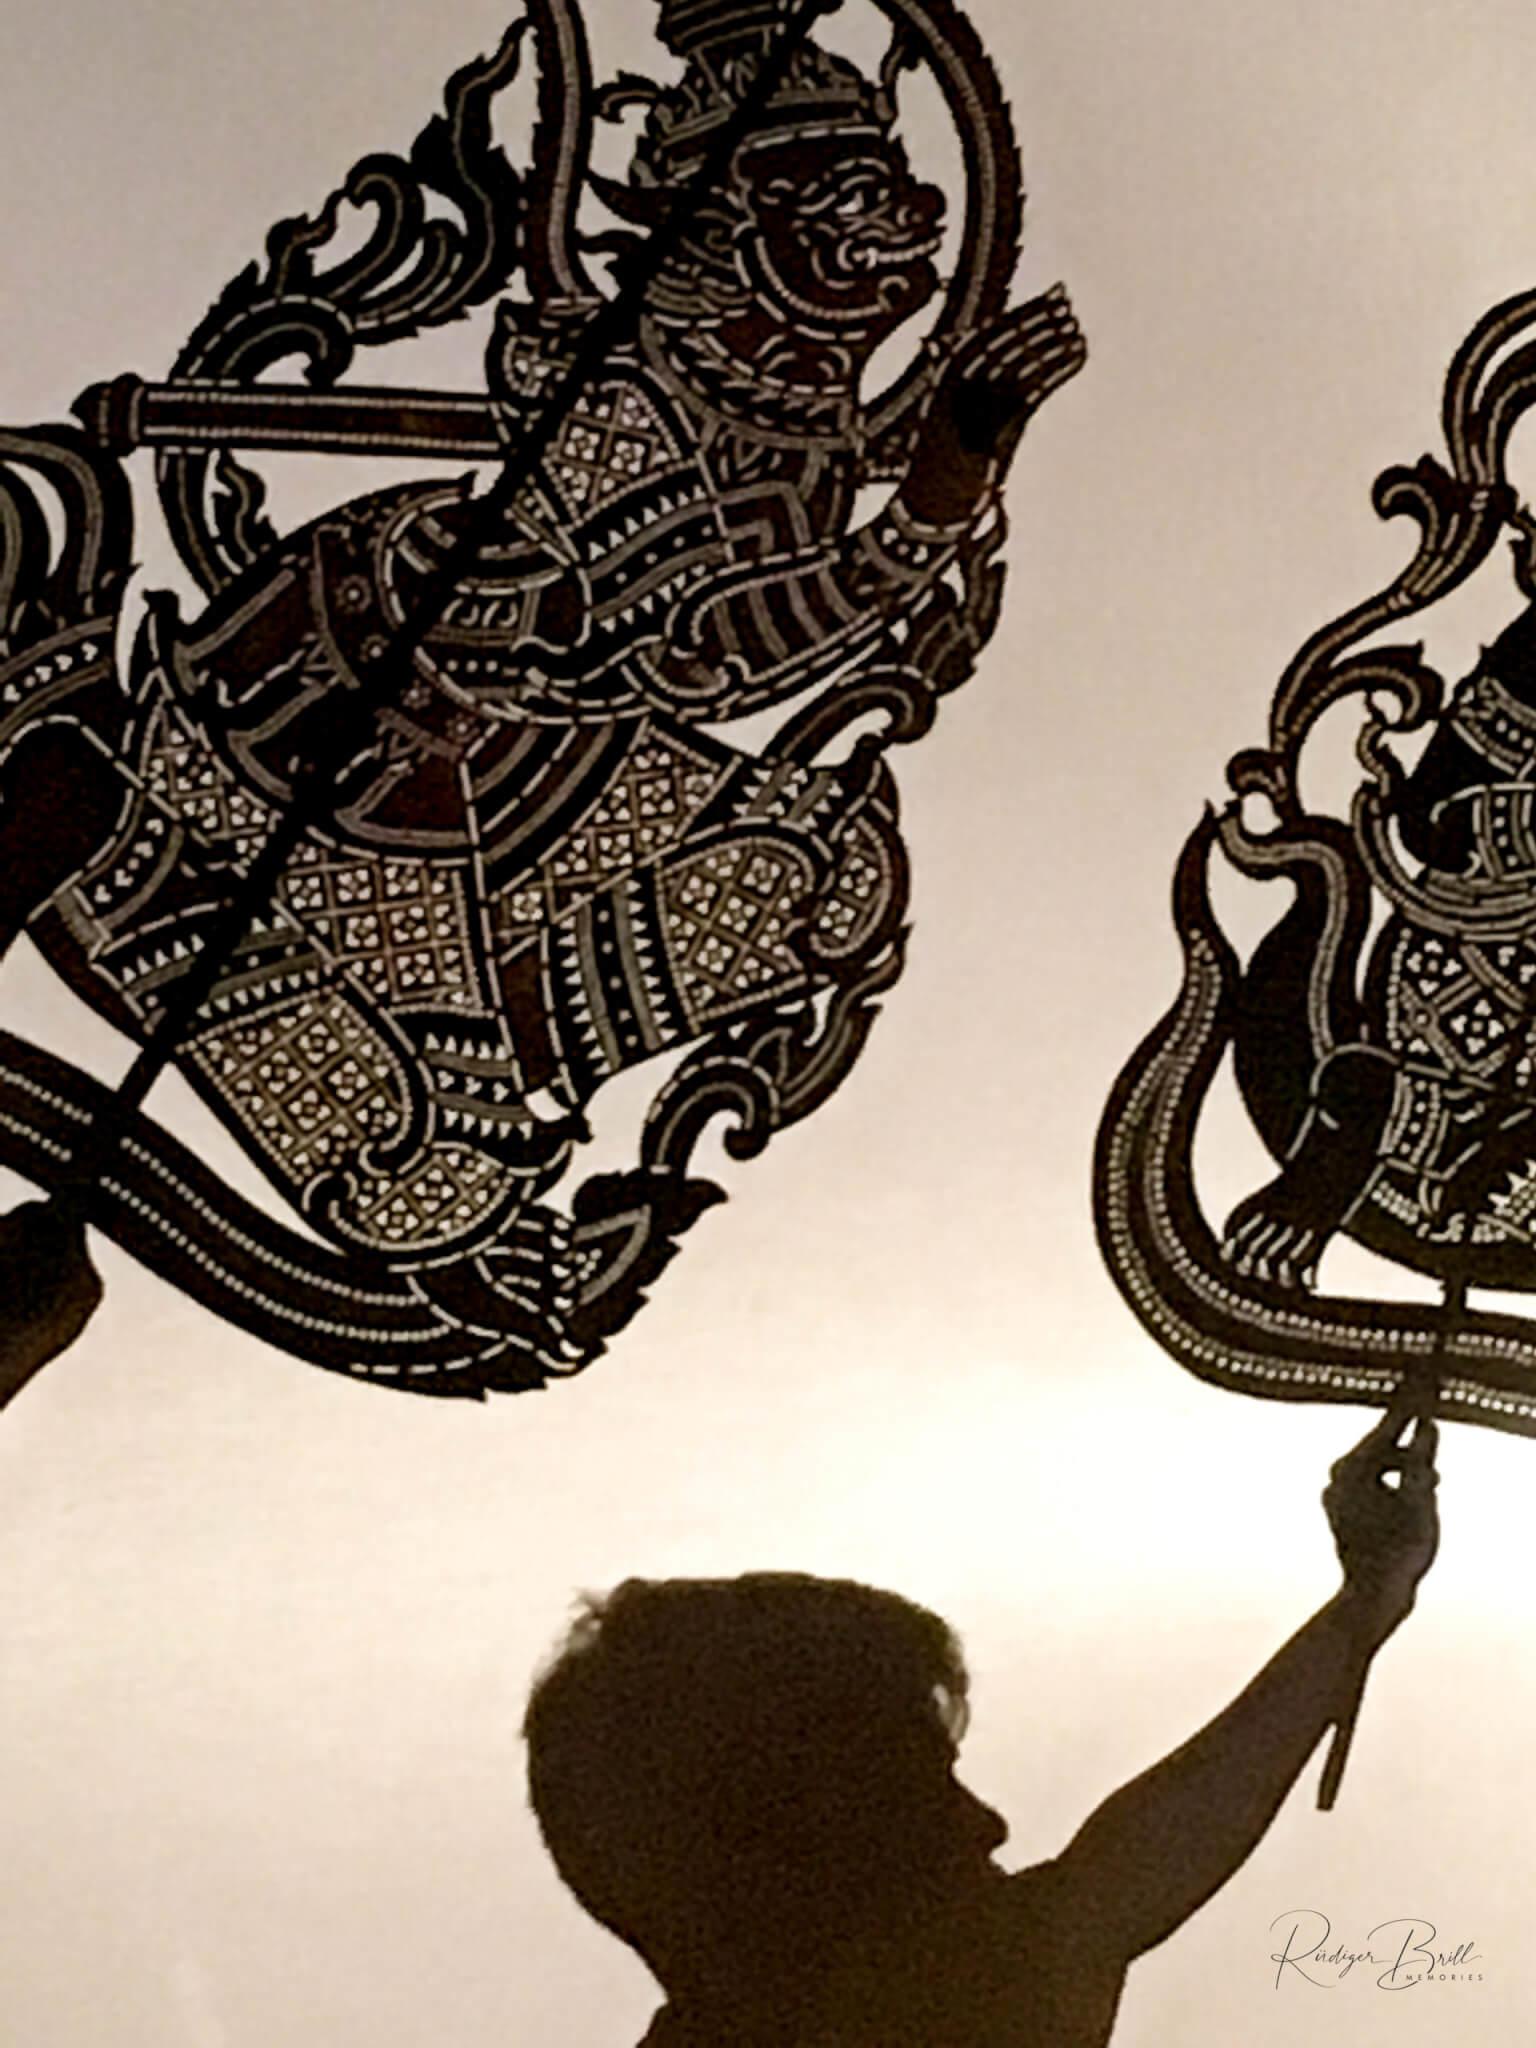 Bildtafeln und Tänzer werfen ihre Schatten auf die Leinwand